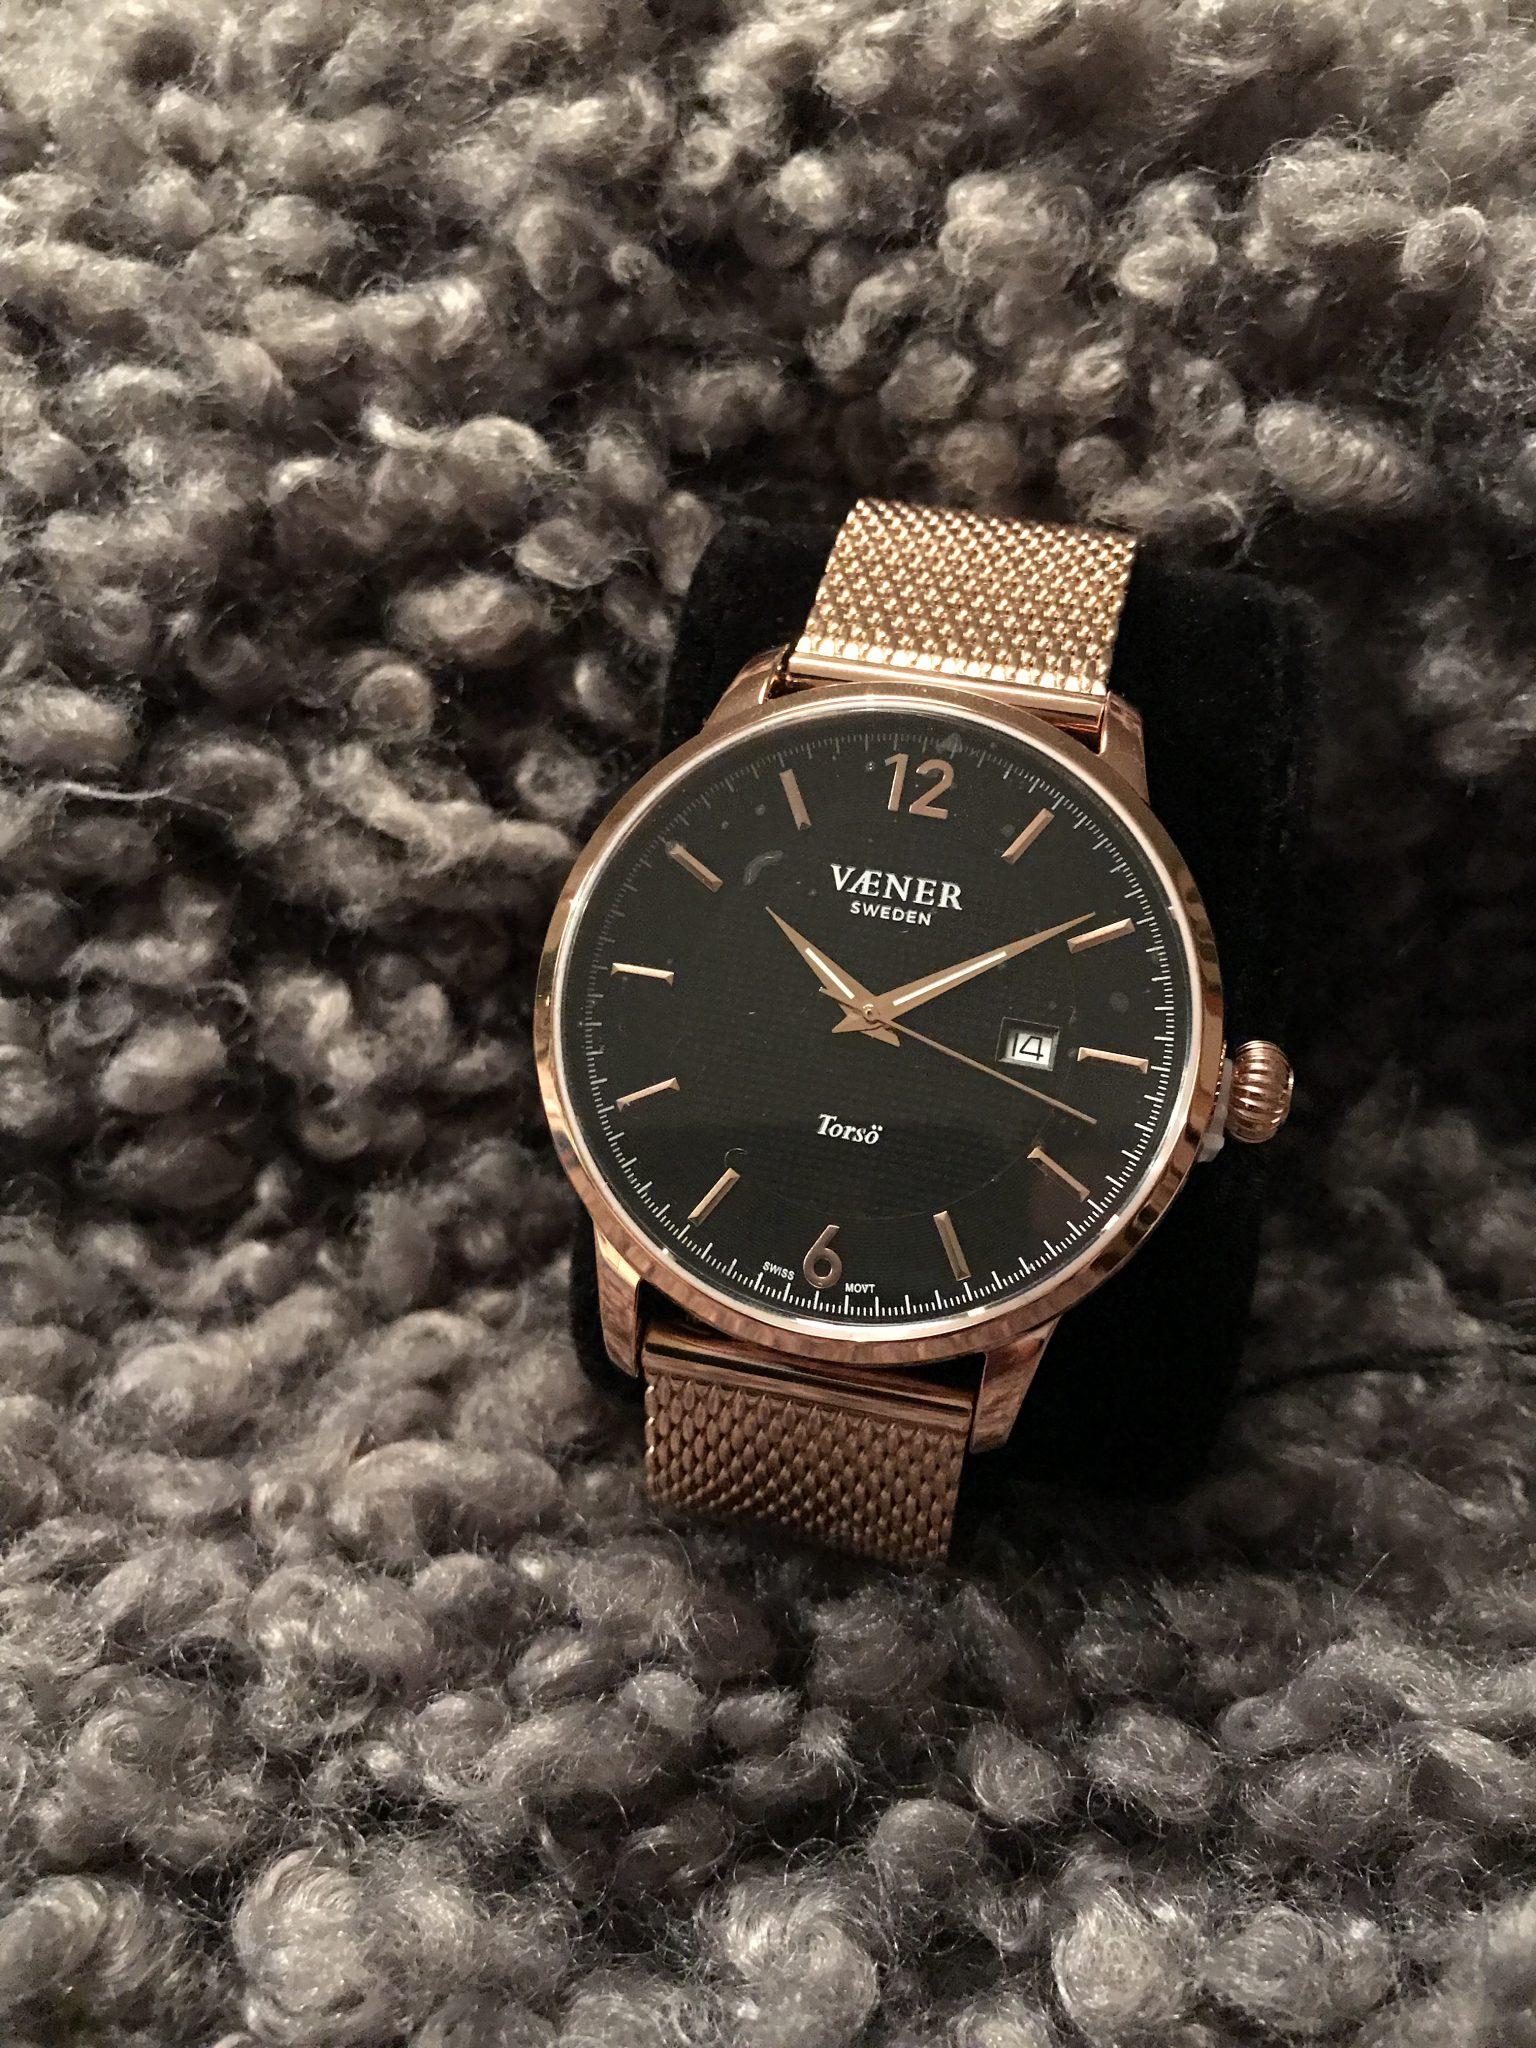 fina klockor till bra pris